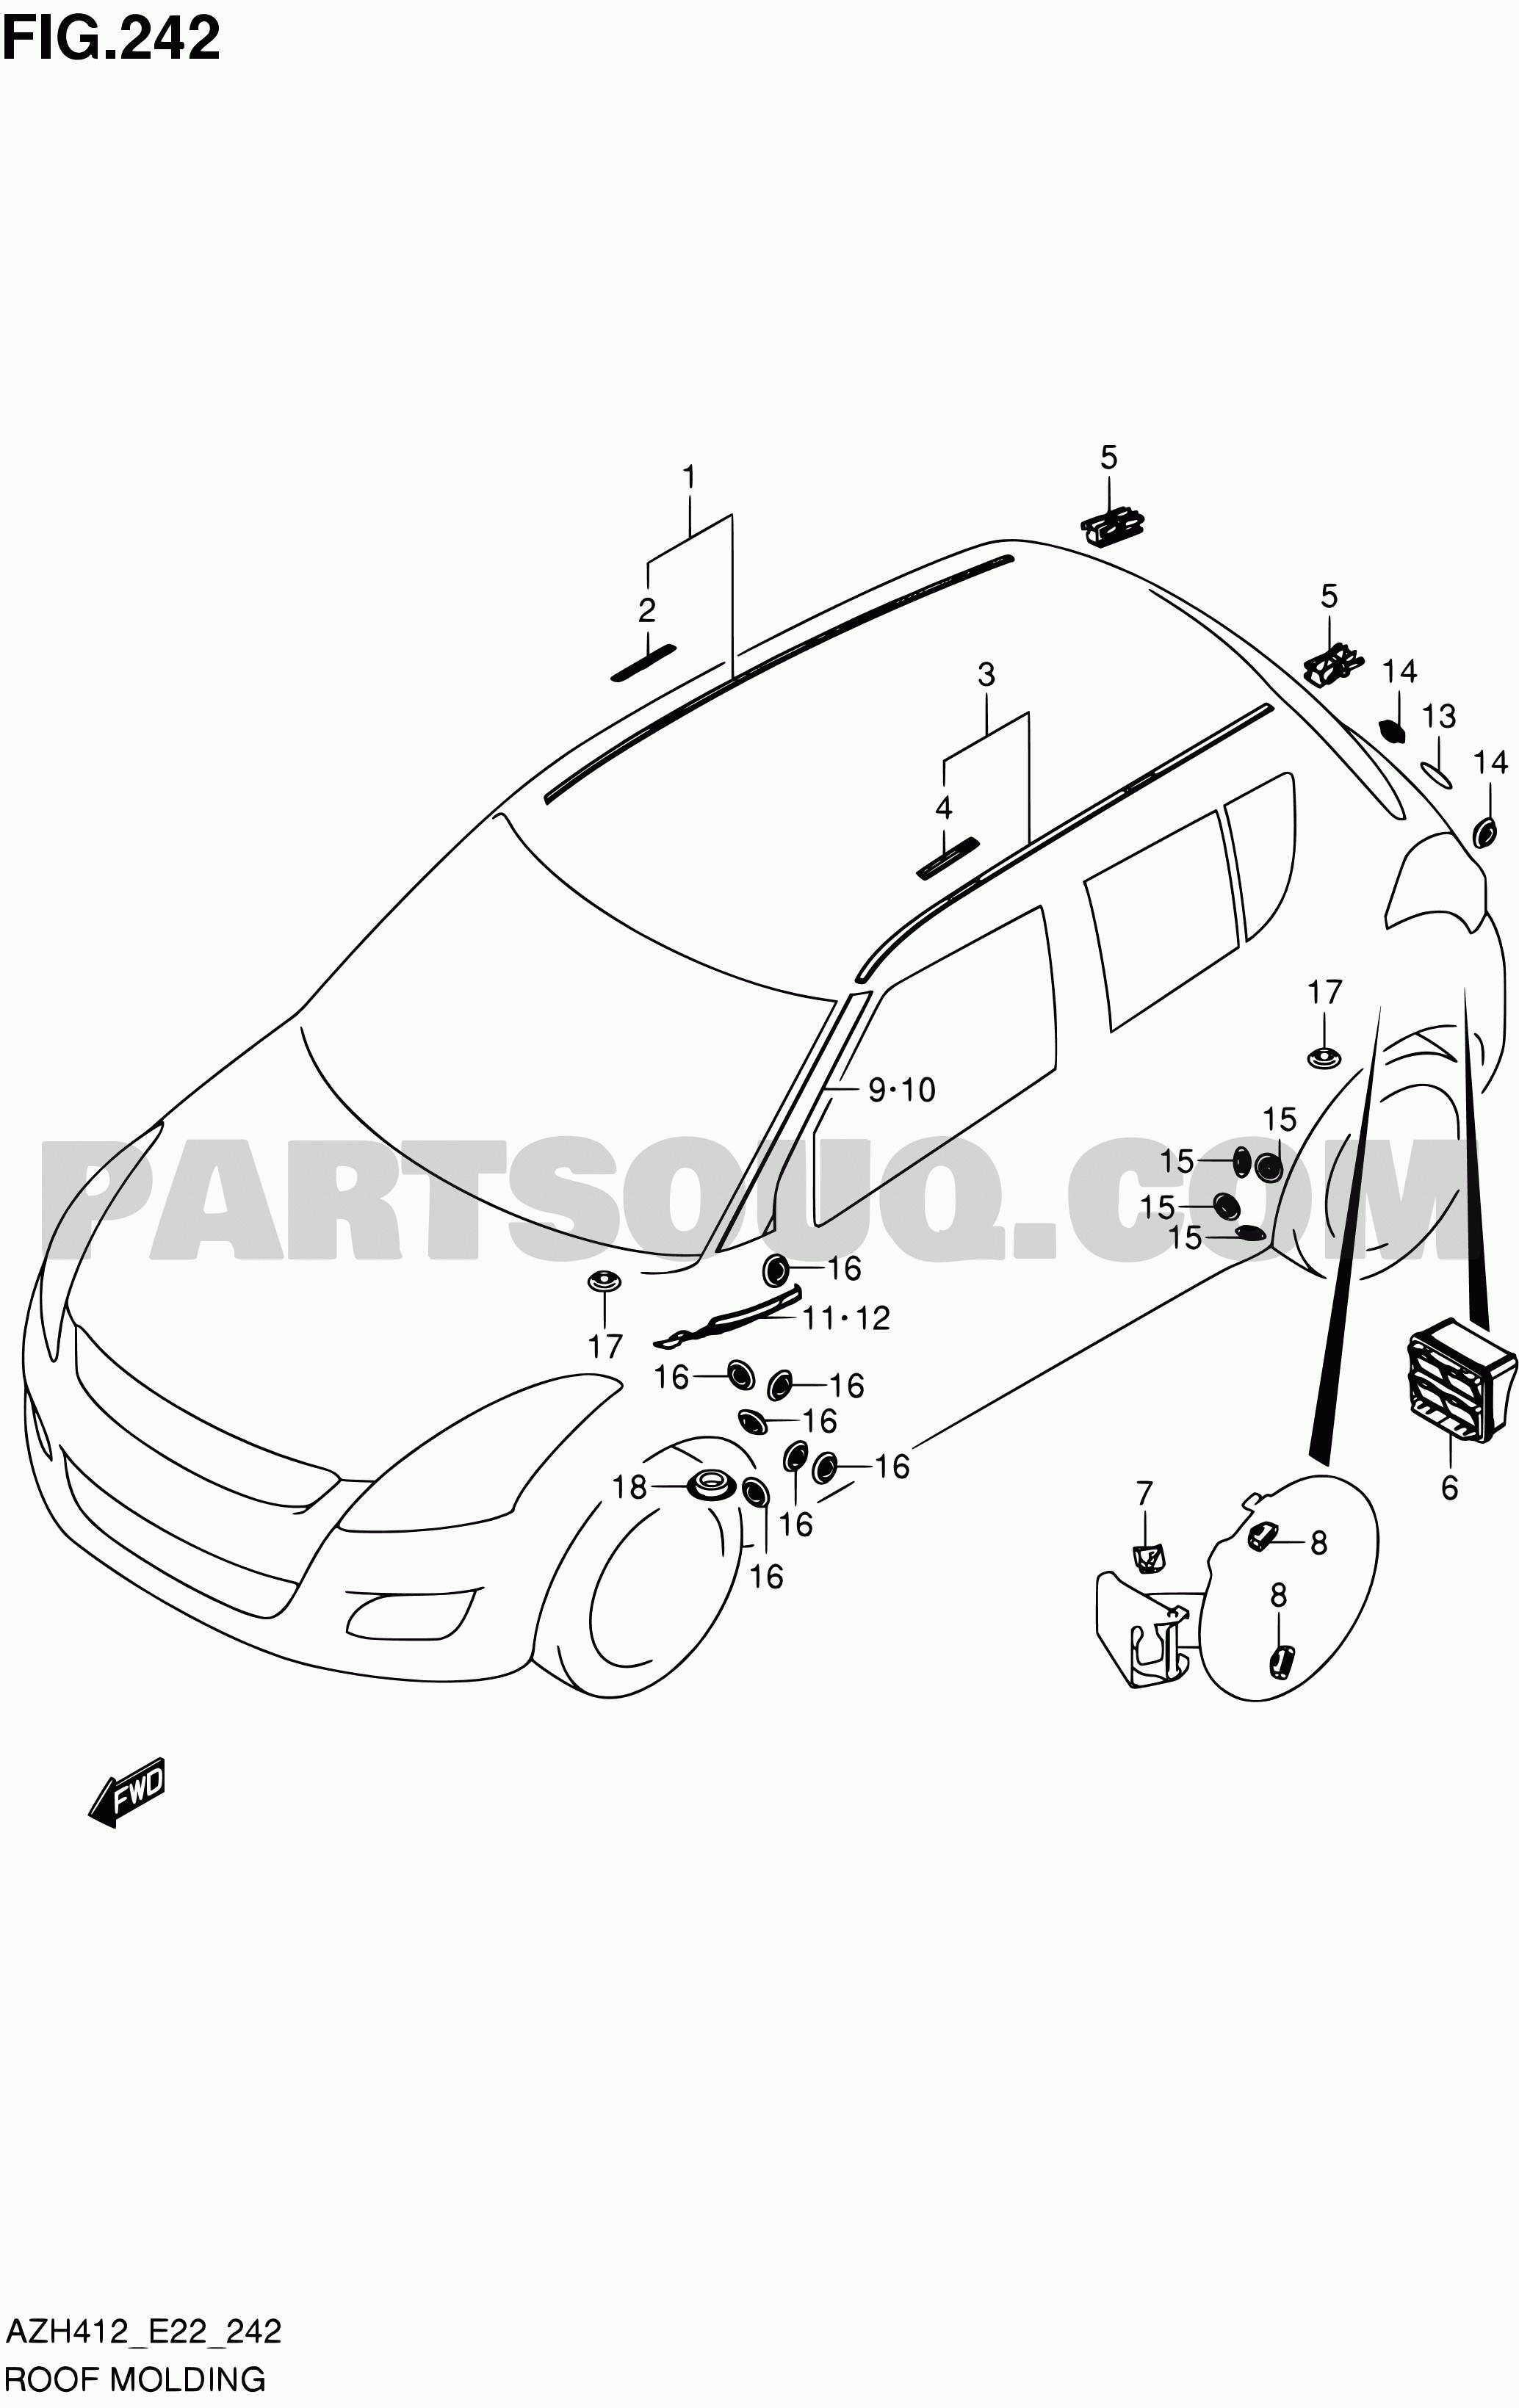 Suzuki Swift Engine Diagram Door Schematic Wiring 2012 Related Post